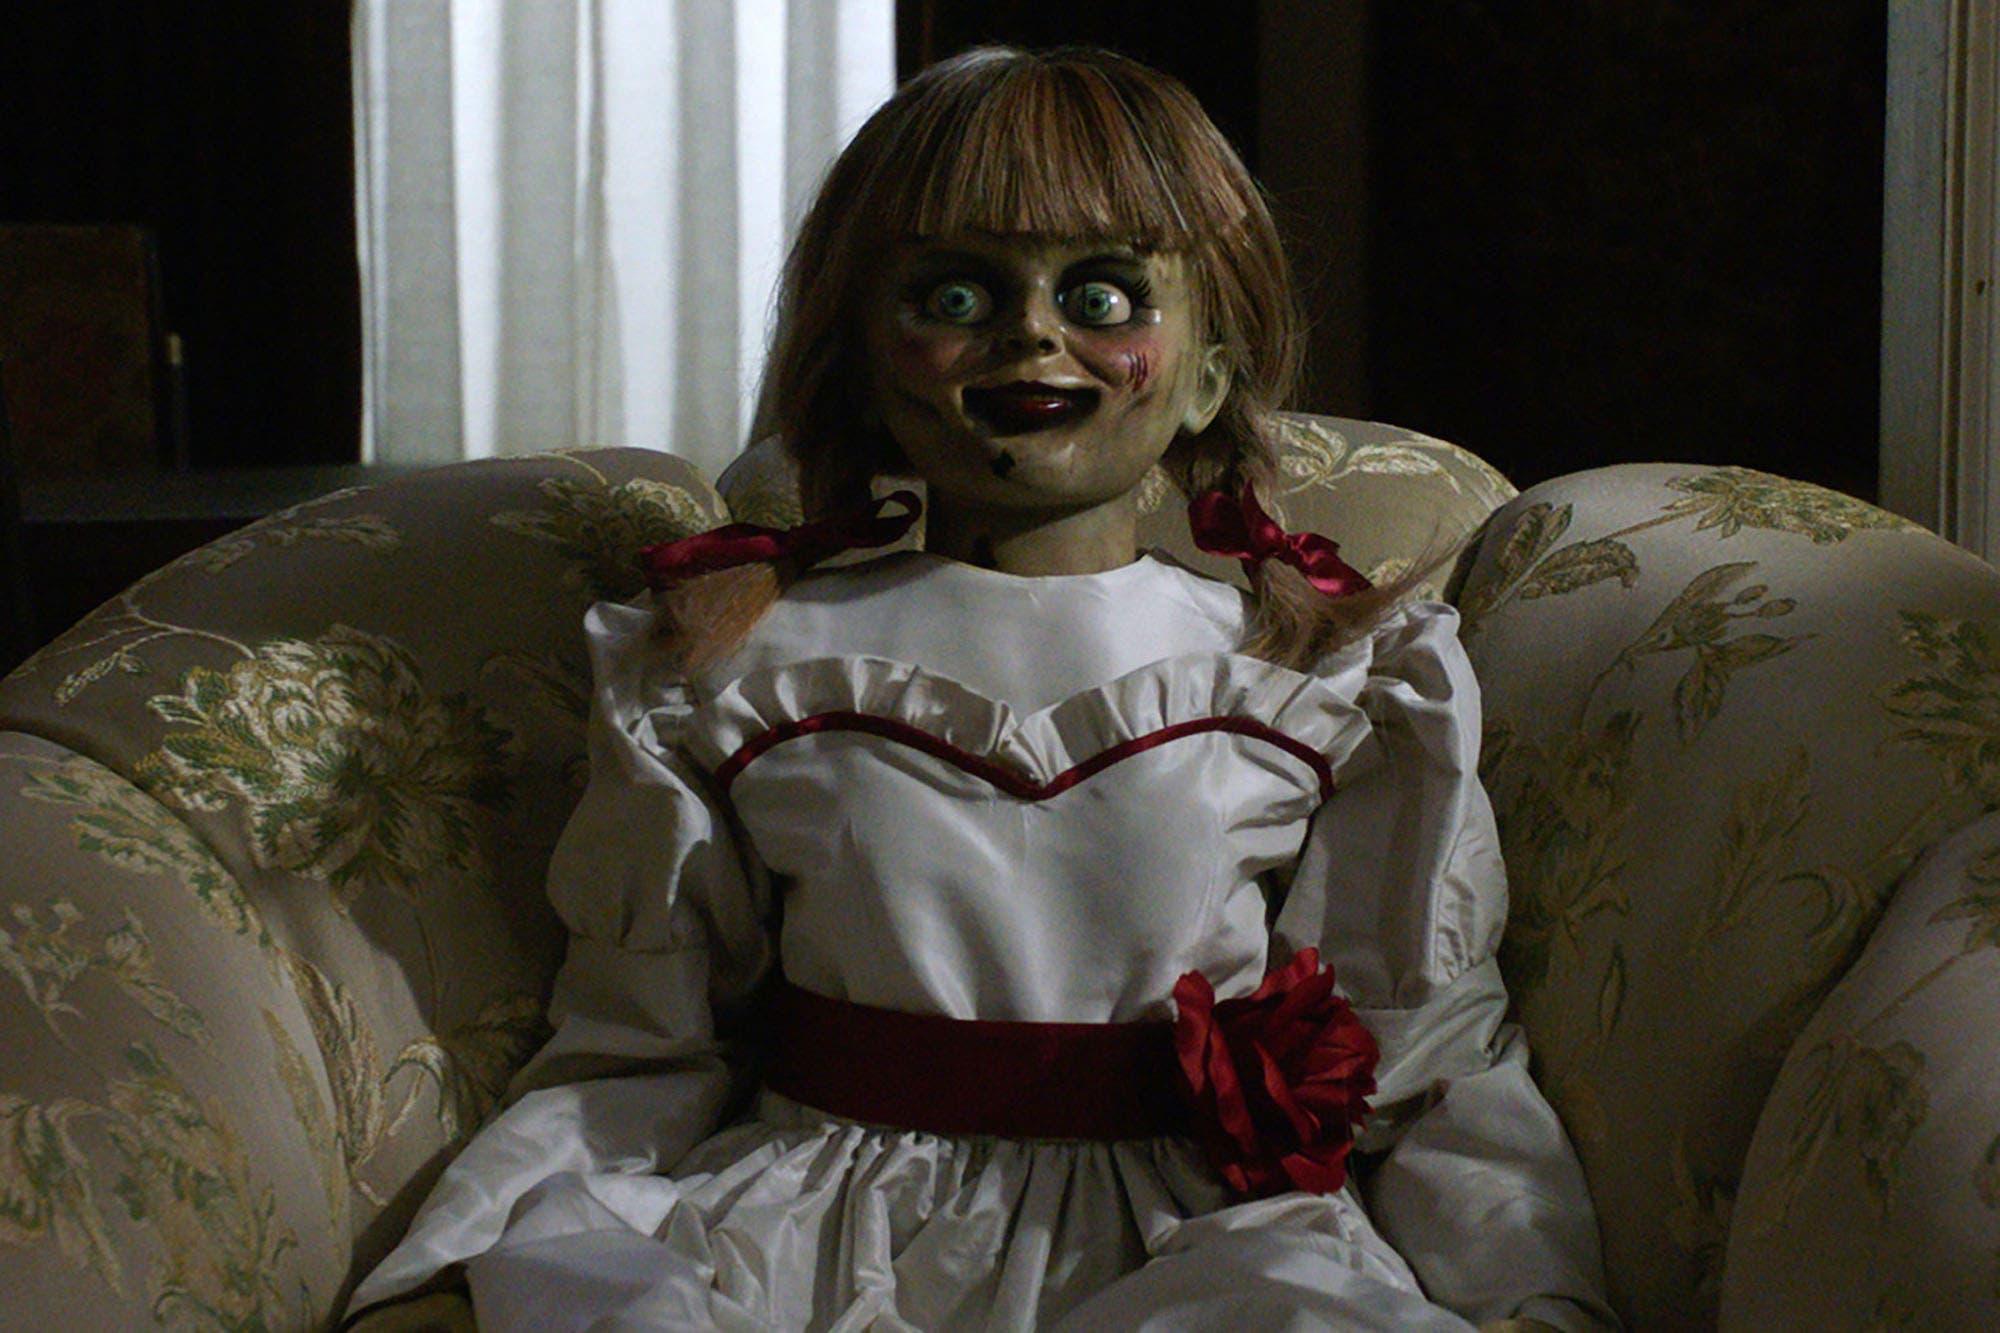 Annabelle: la espeluznante historia real de la muñeca que inspiró la película